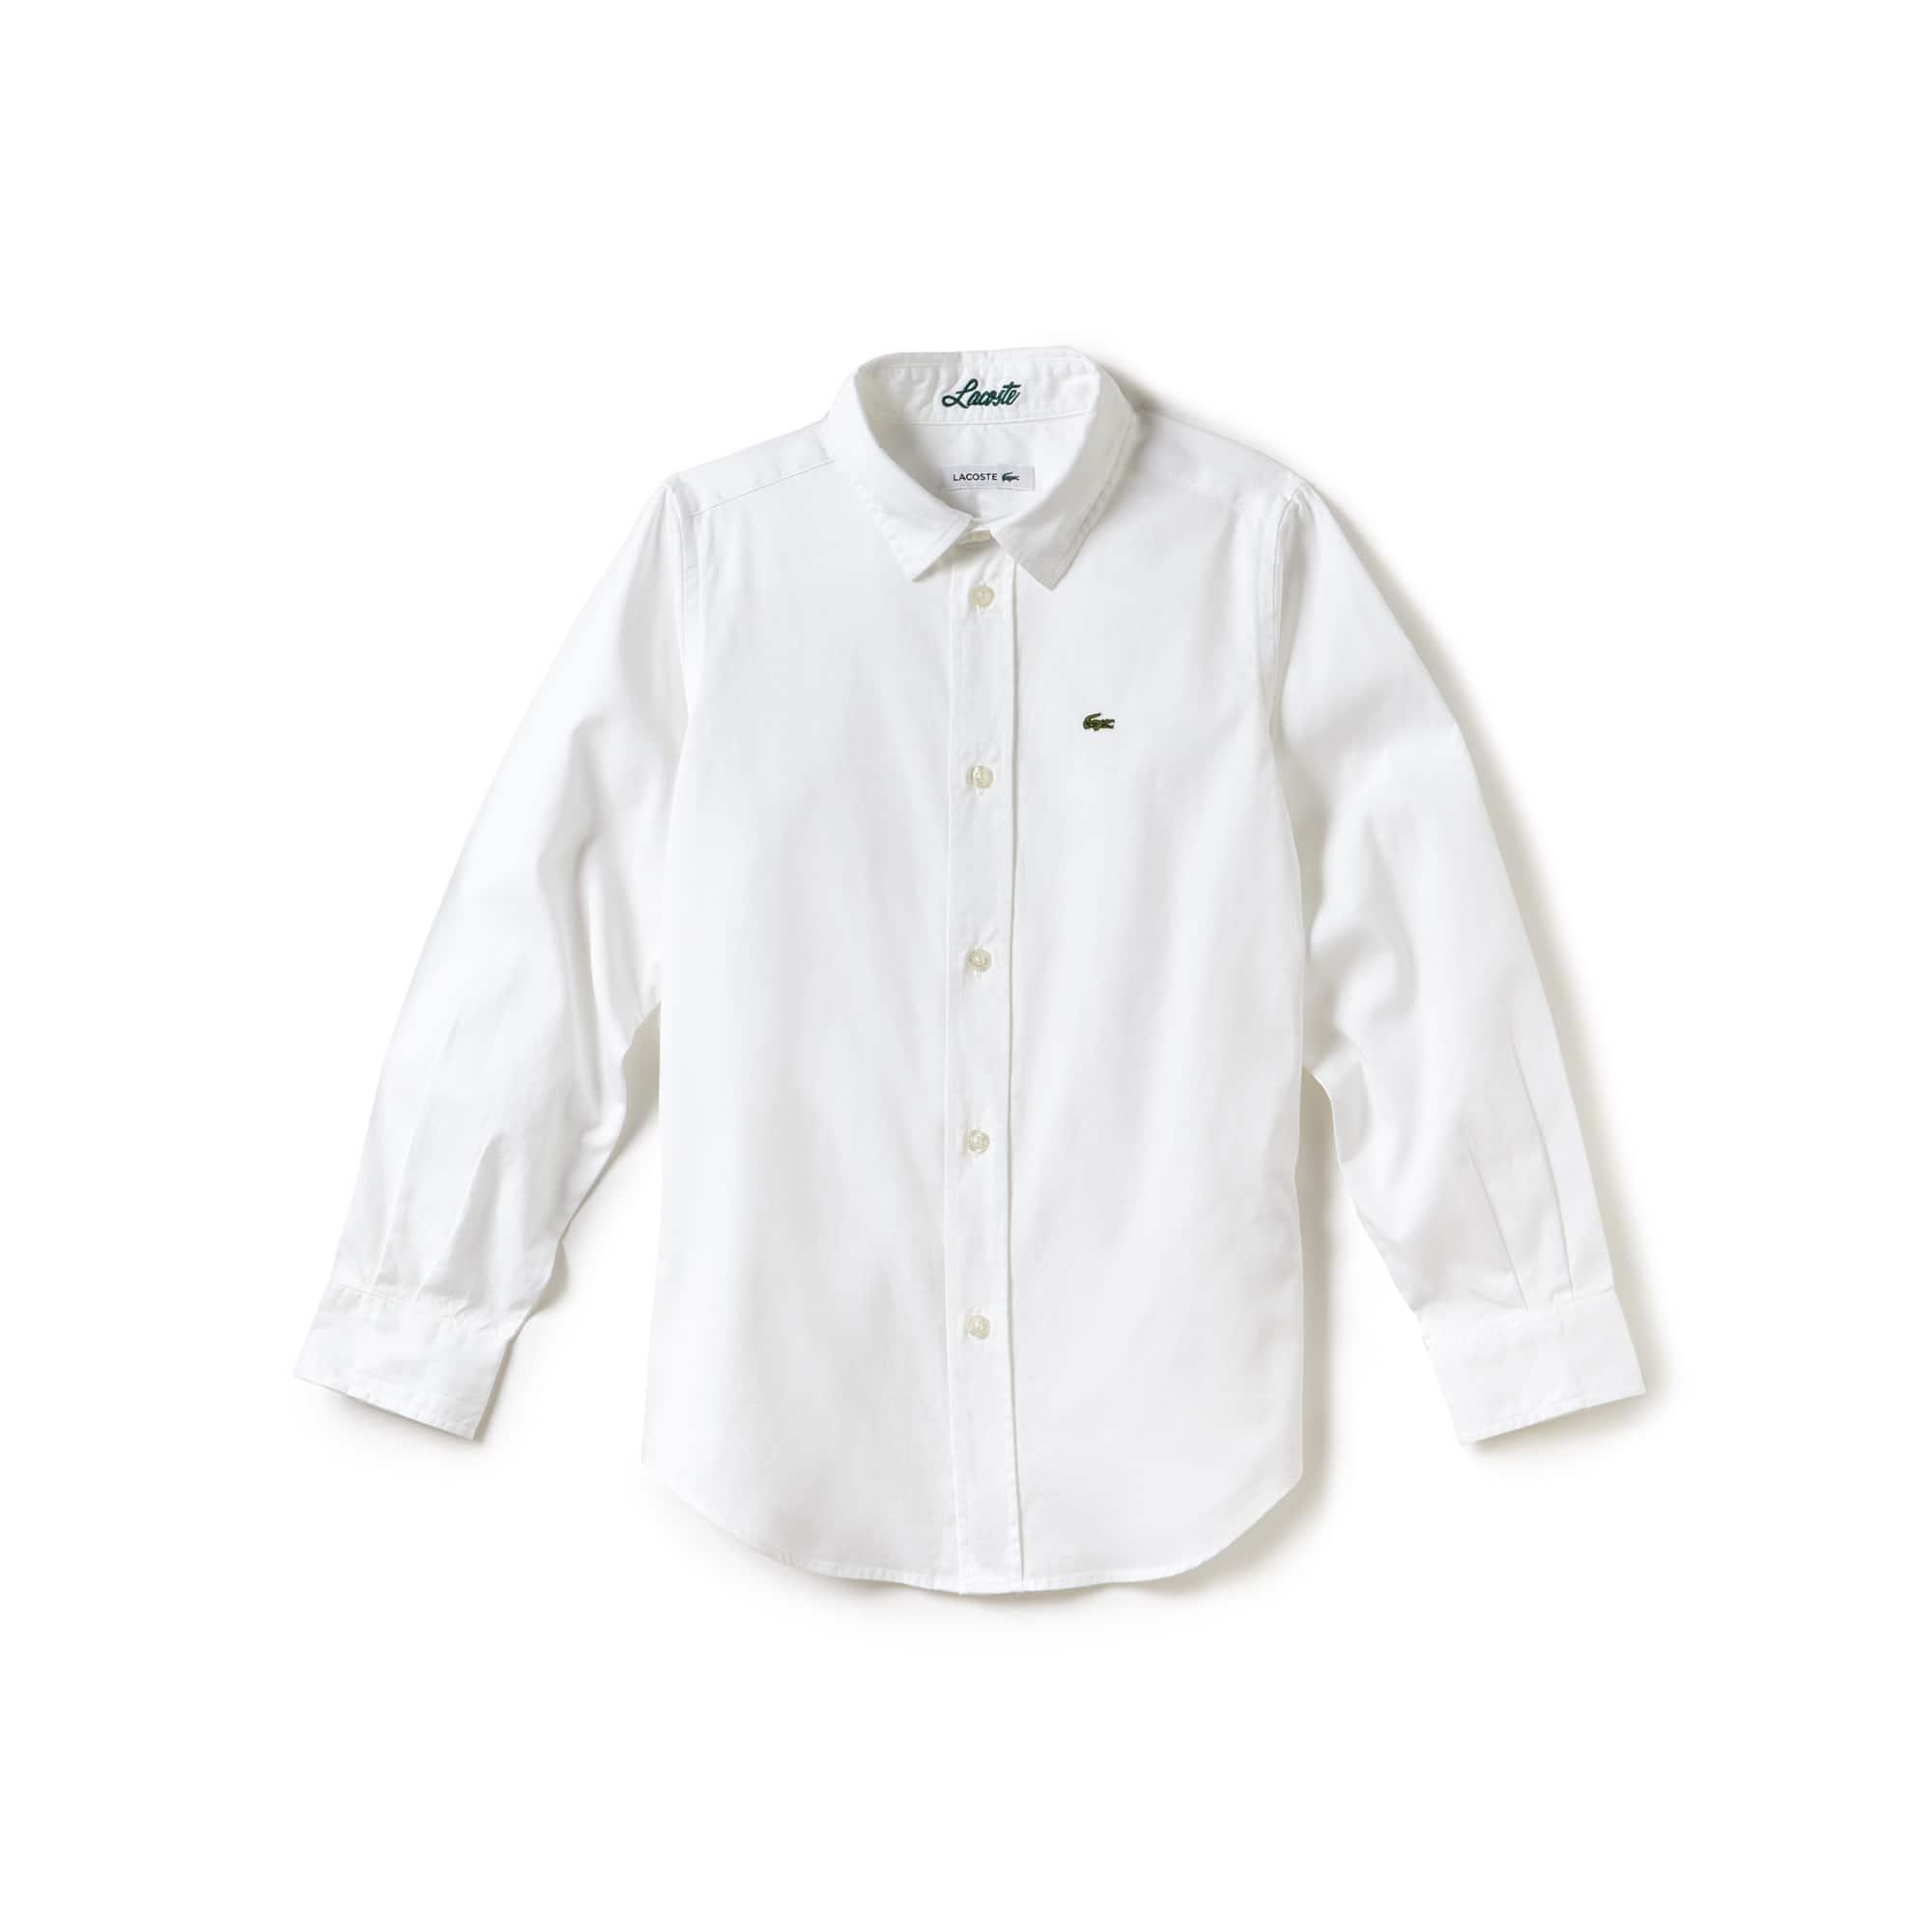 Kinder-Hemd aus Oxford-Baumwoll-Strickware